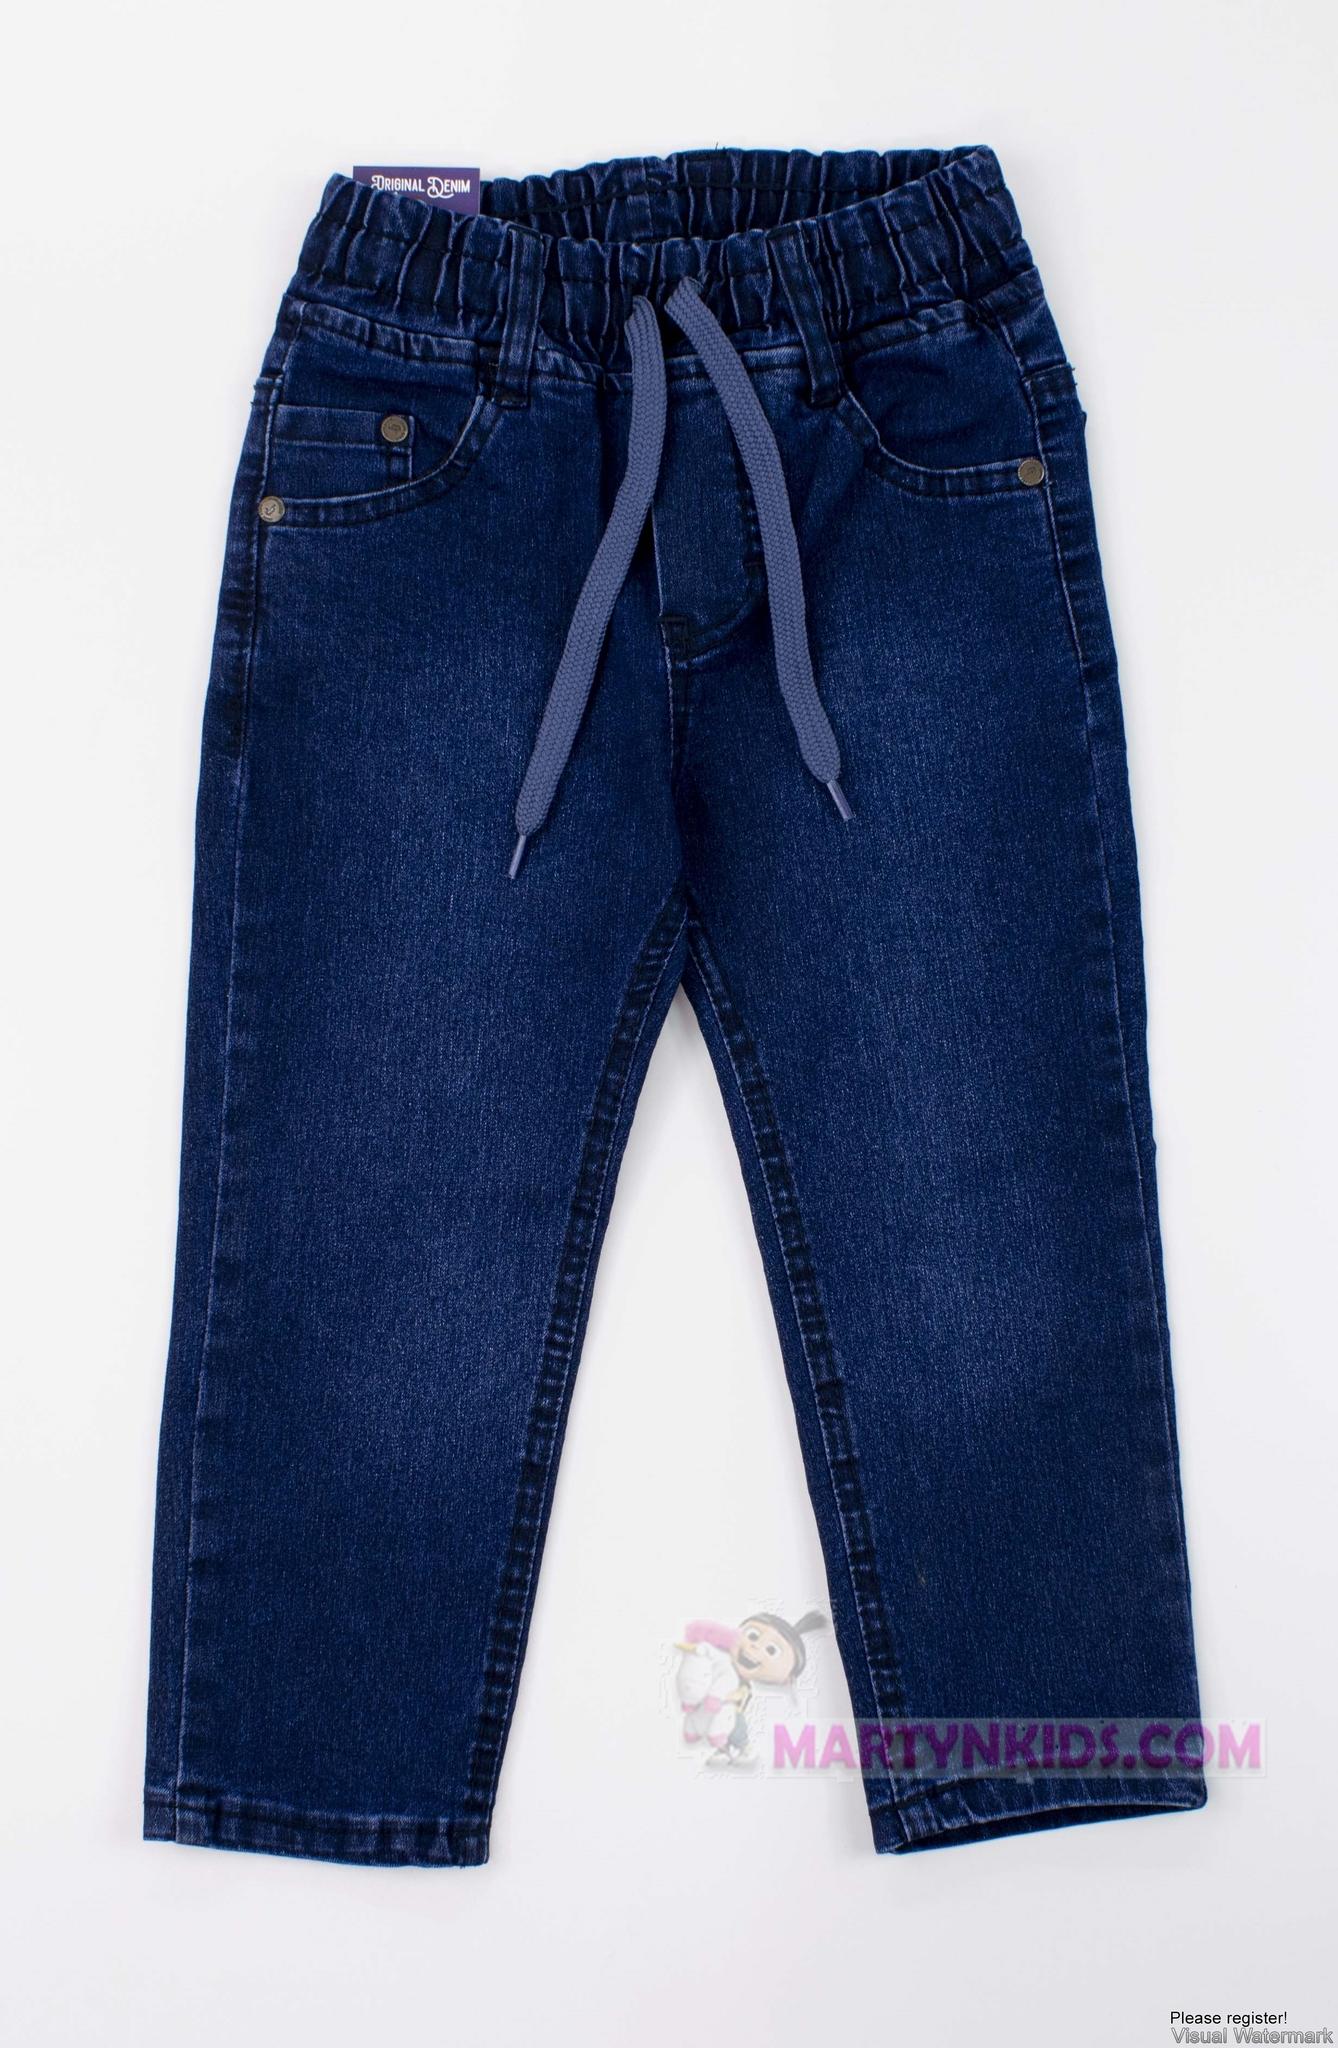 3296 джинсs Fagie 1998 стрейч подросток